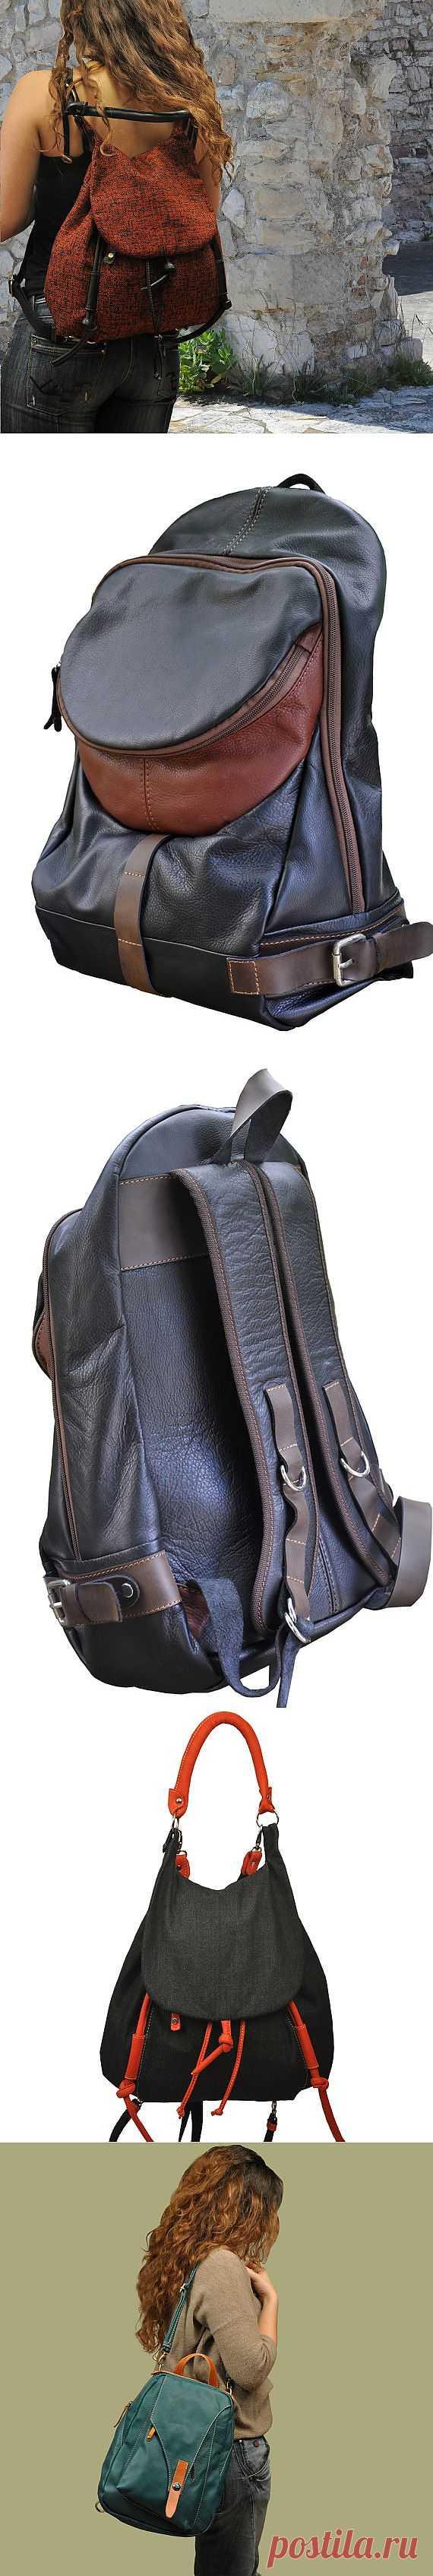 Сумка-рюкзак (подборка) / Сумки, клатчи, чемоданы / Модный сайт о стильной переделке одежды и интерьера